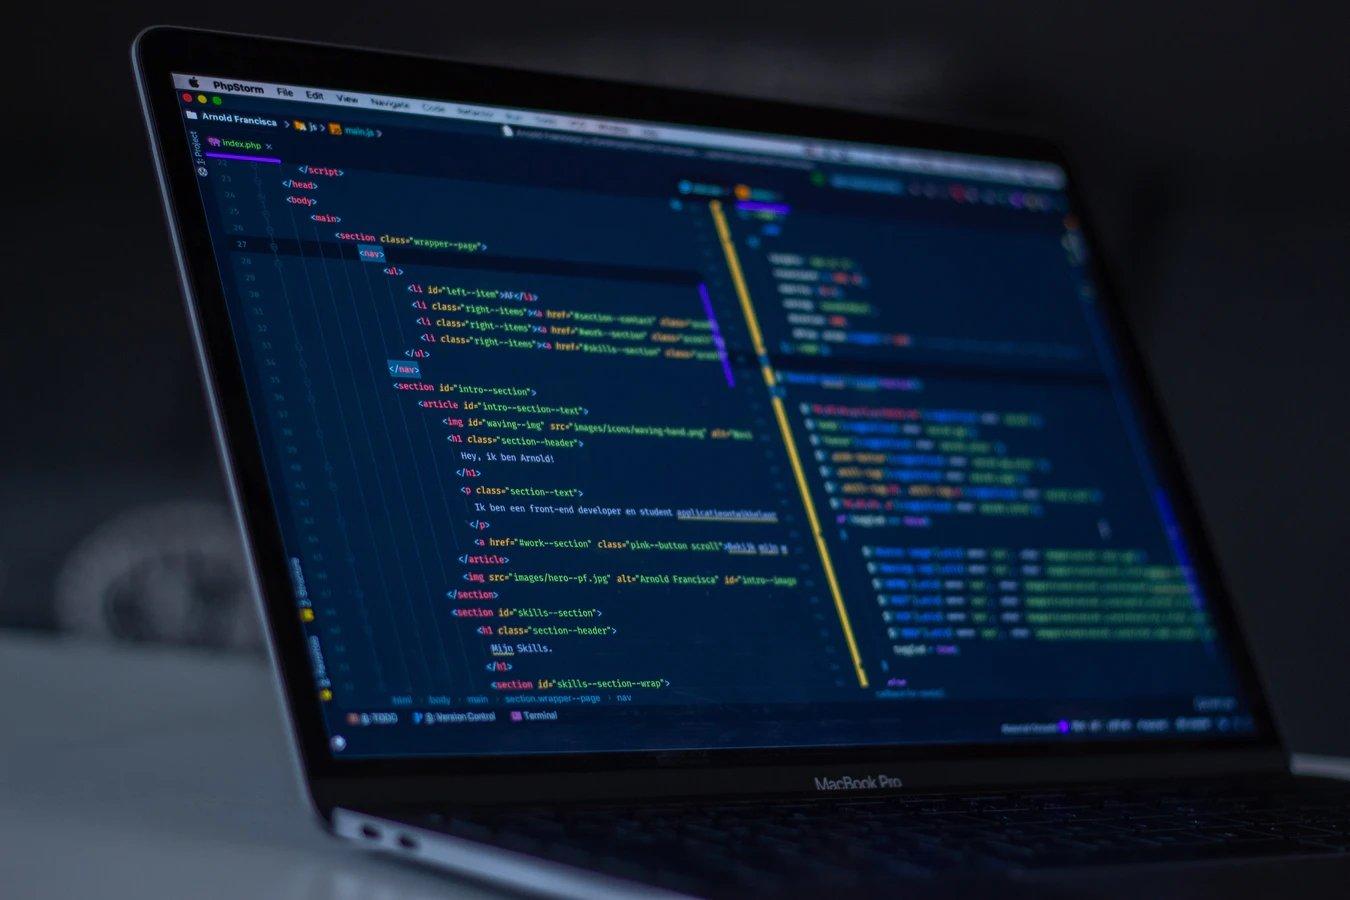 código malicioso em computador